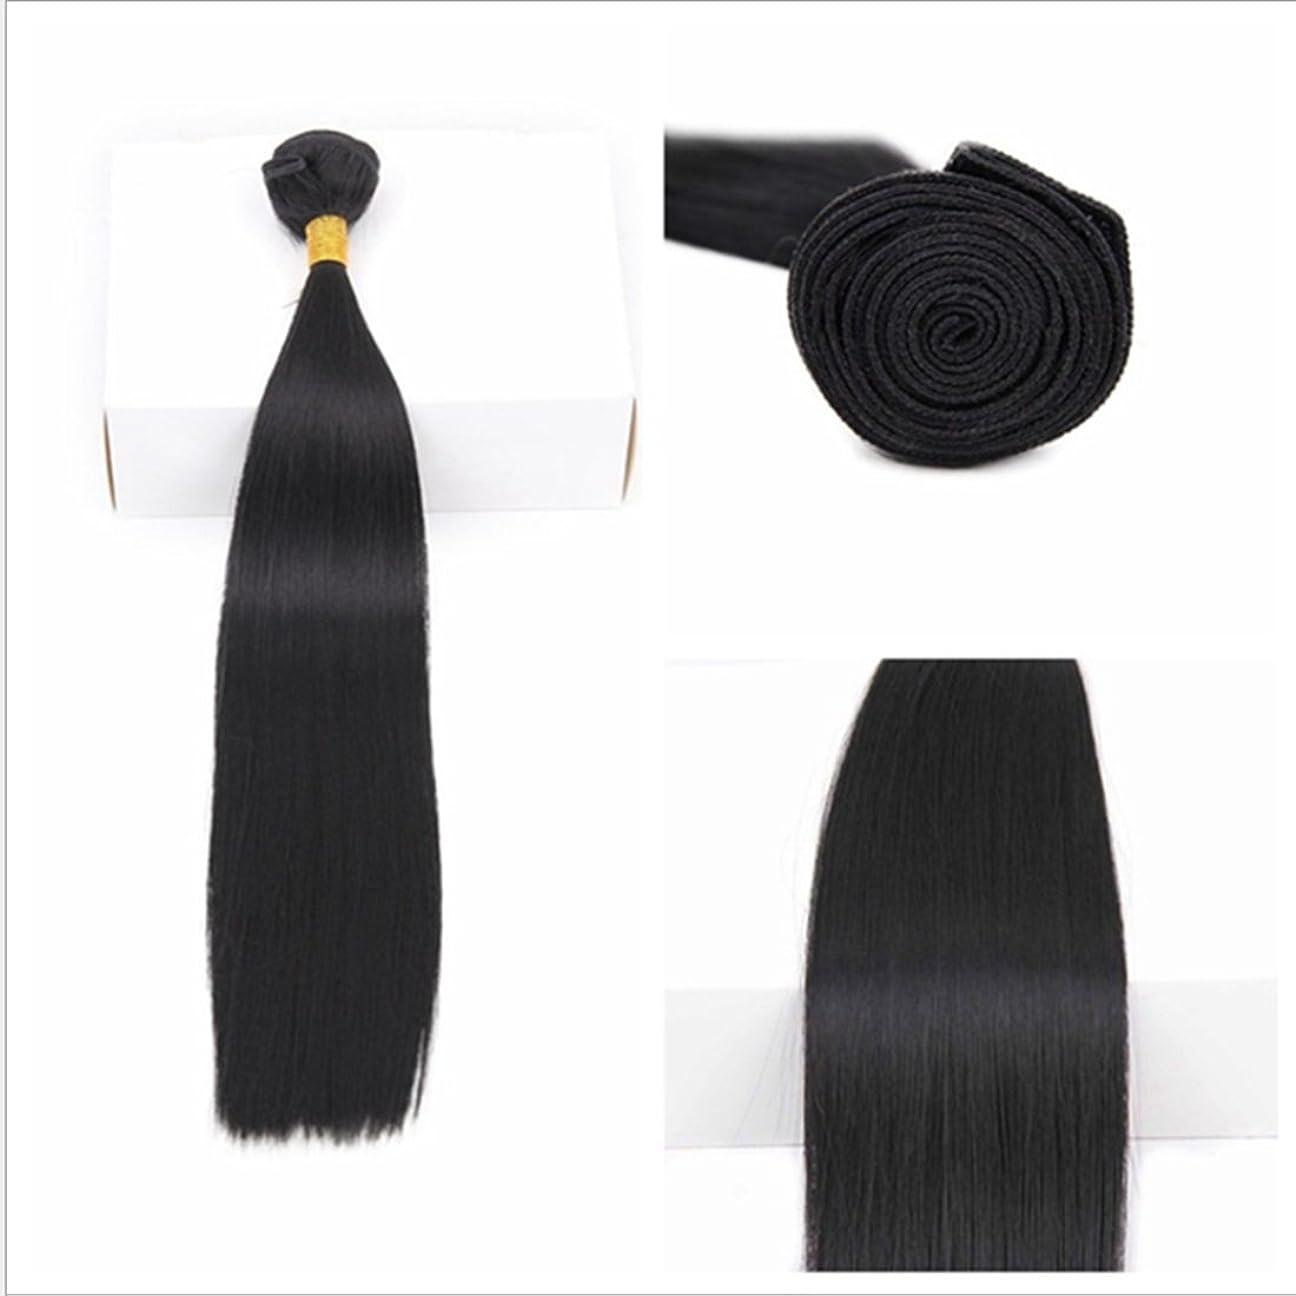 謎含意独立JIANFU ブラジル 女性 耐熱 長い ストレート ウィッグ ヘア カーテン 非染色(70g / 100g) 18 インチ 至る 10インチ ブラックヘア (サイズ : 18inch(100g))